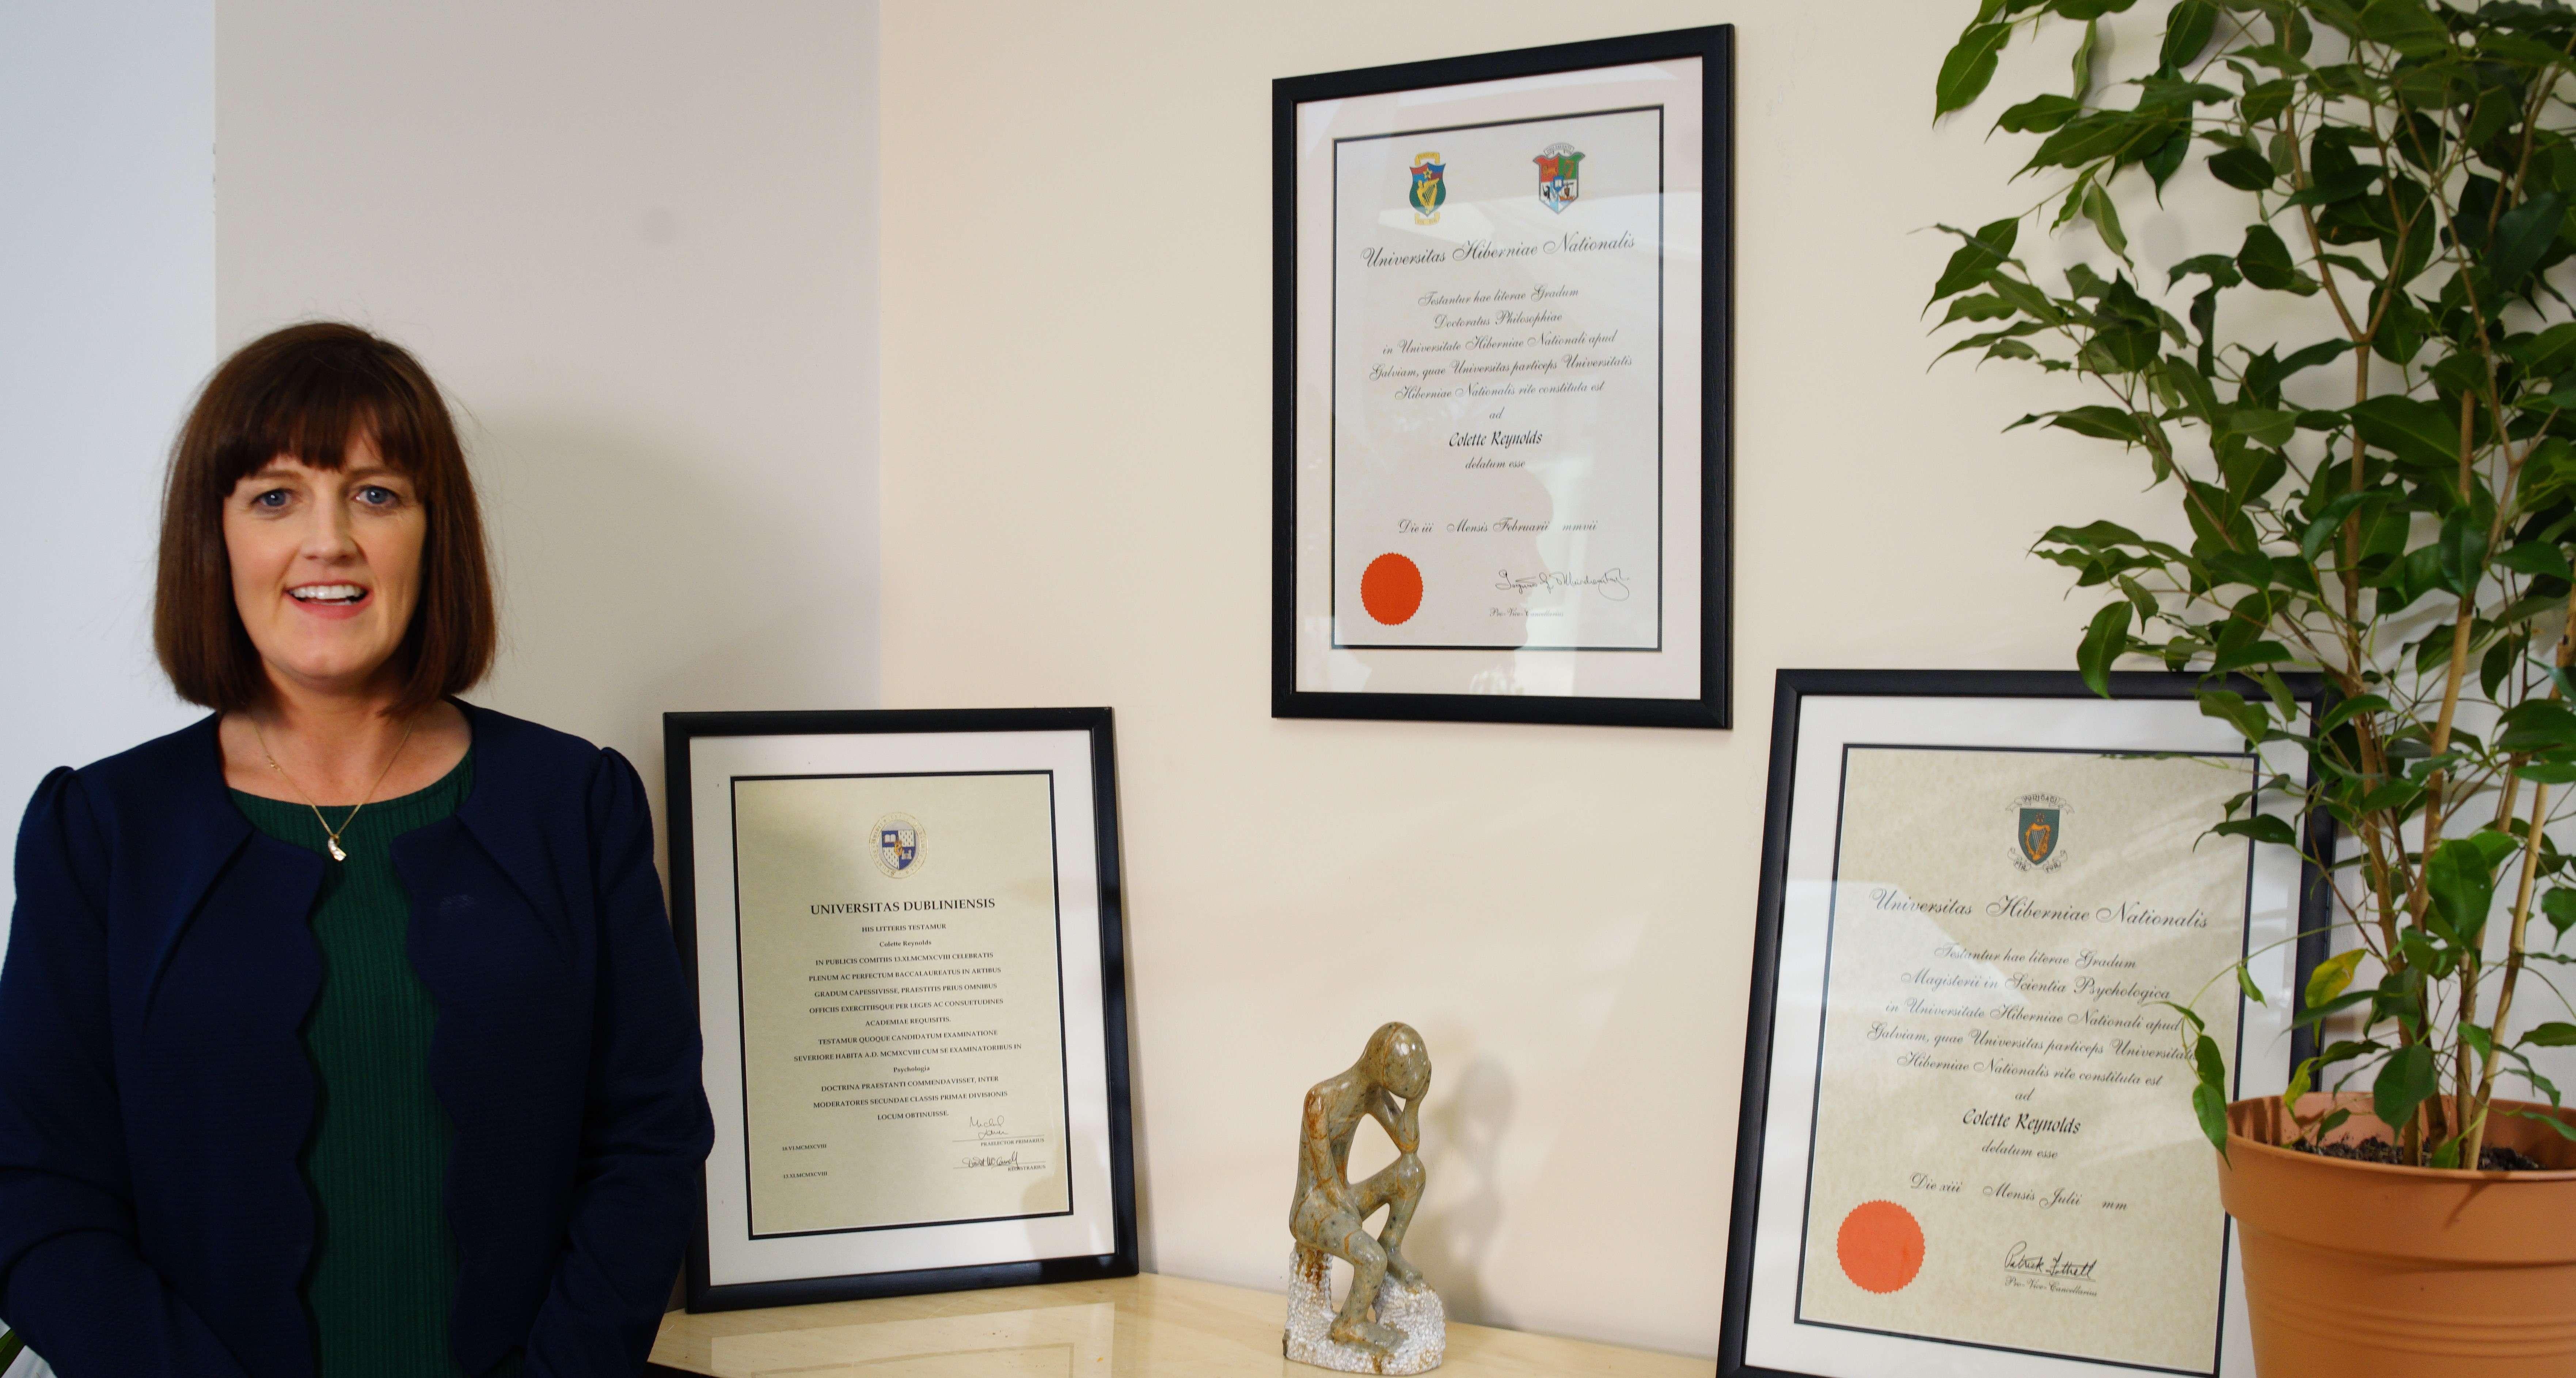 qualifications of Dr Colette Reynolds